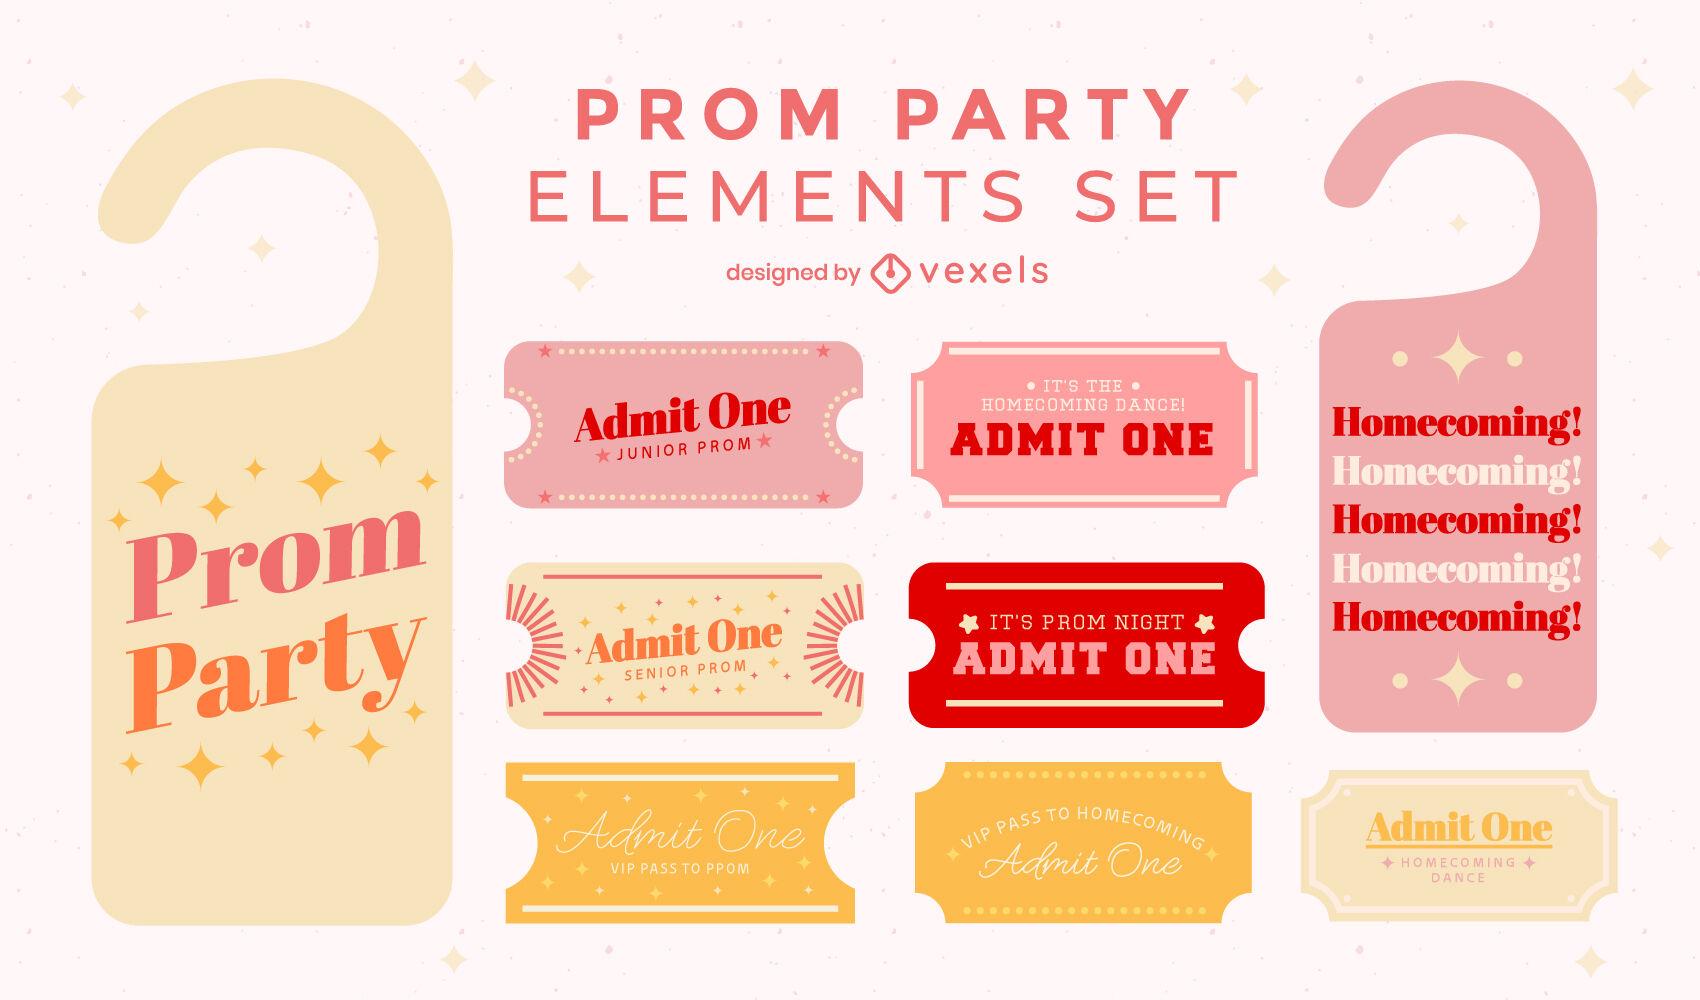 Prom party quotes door hangers flat